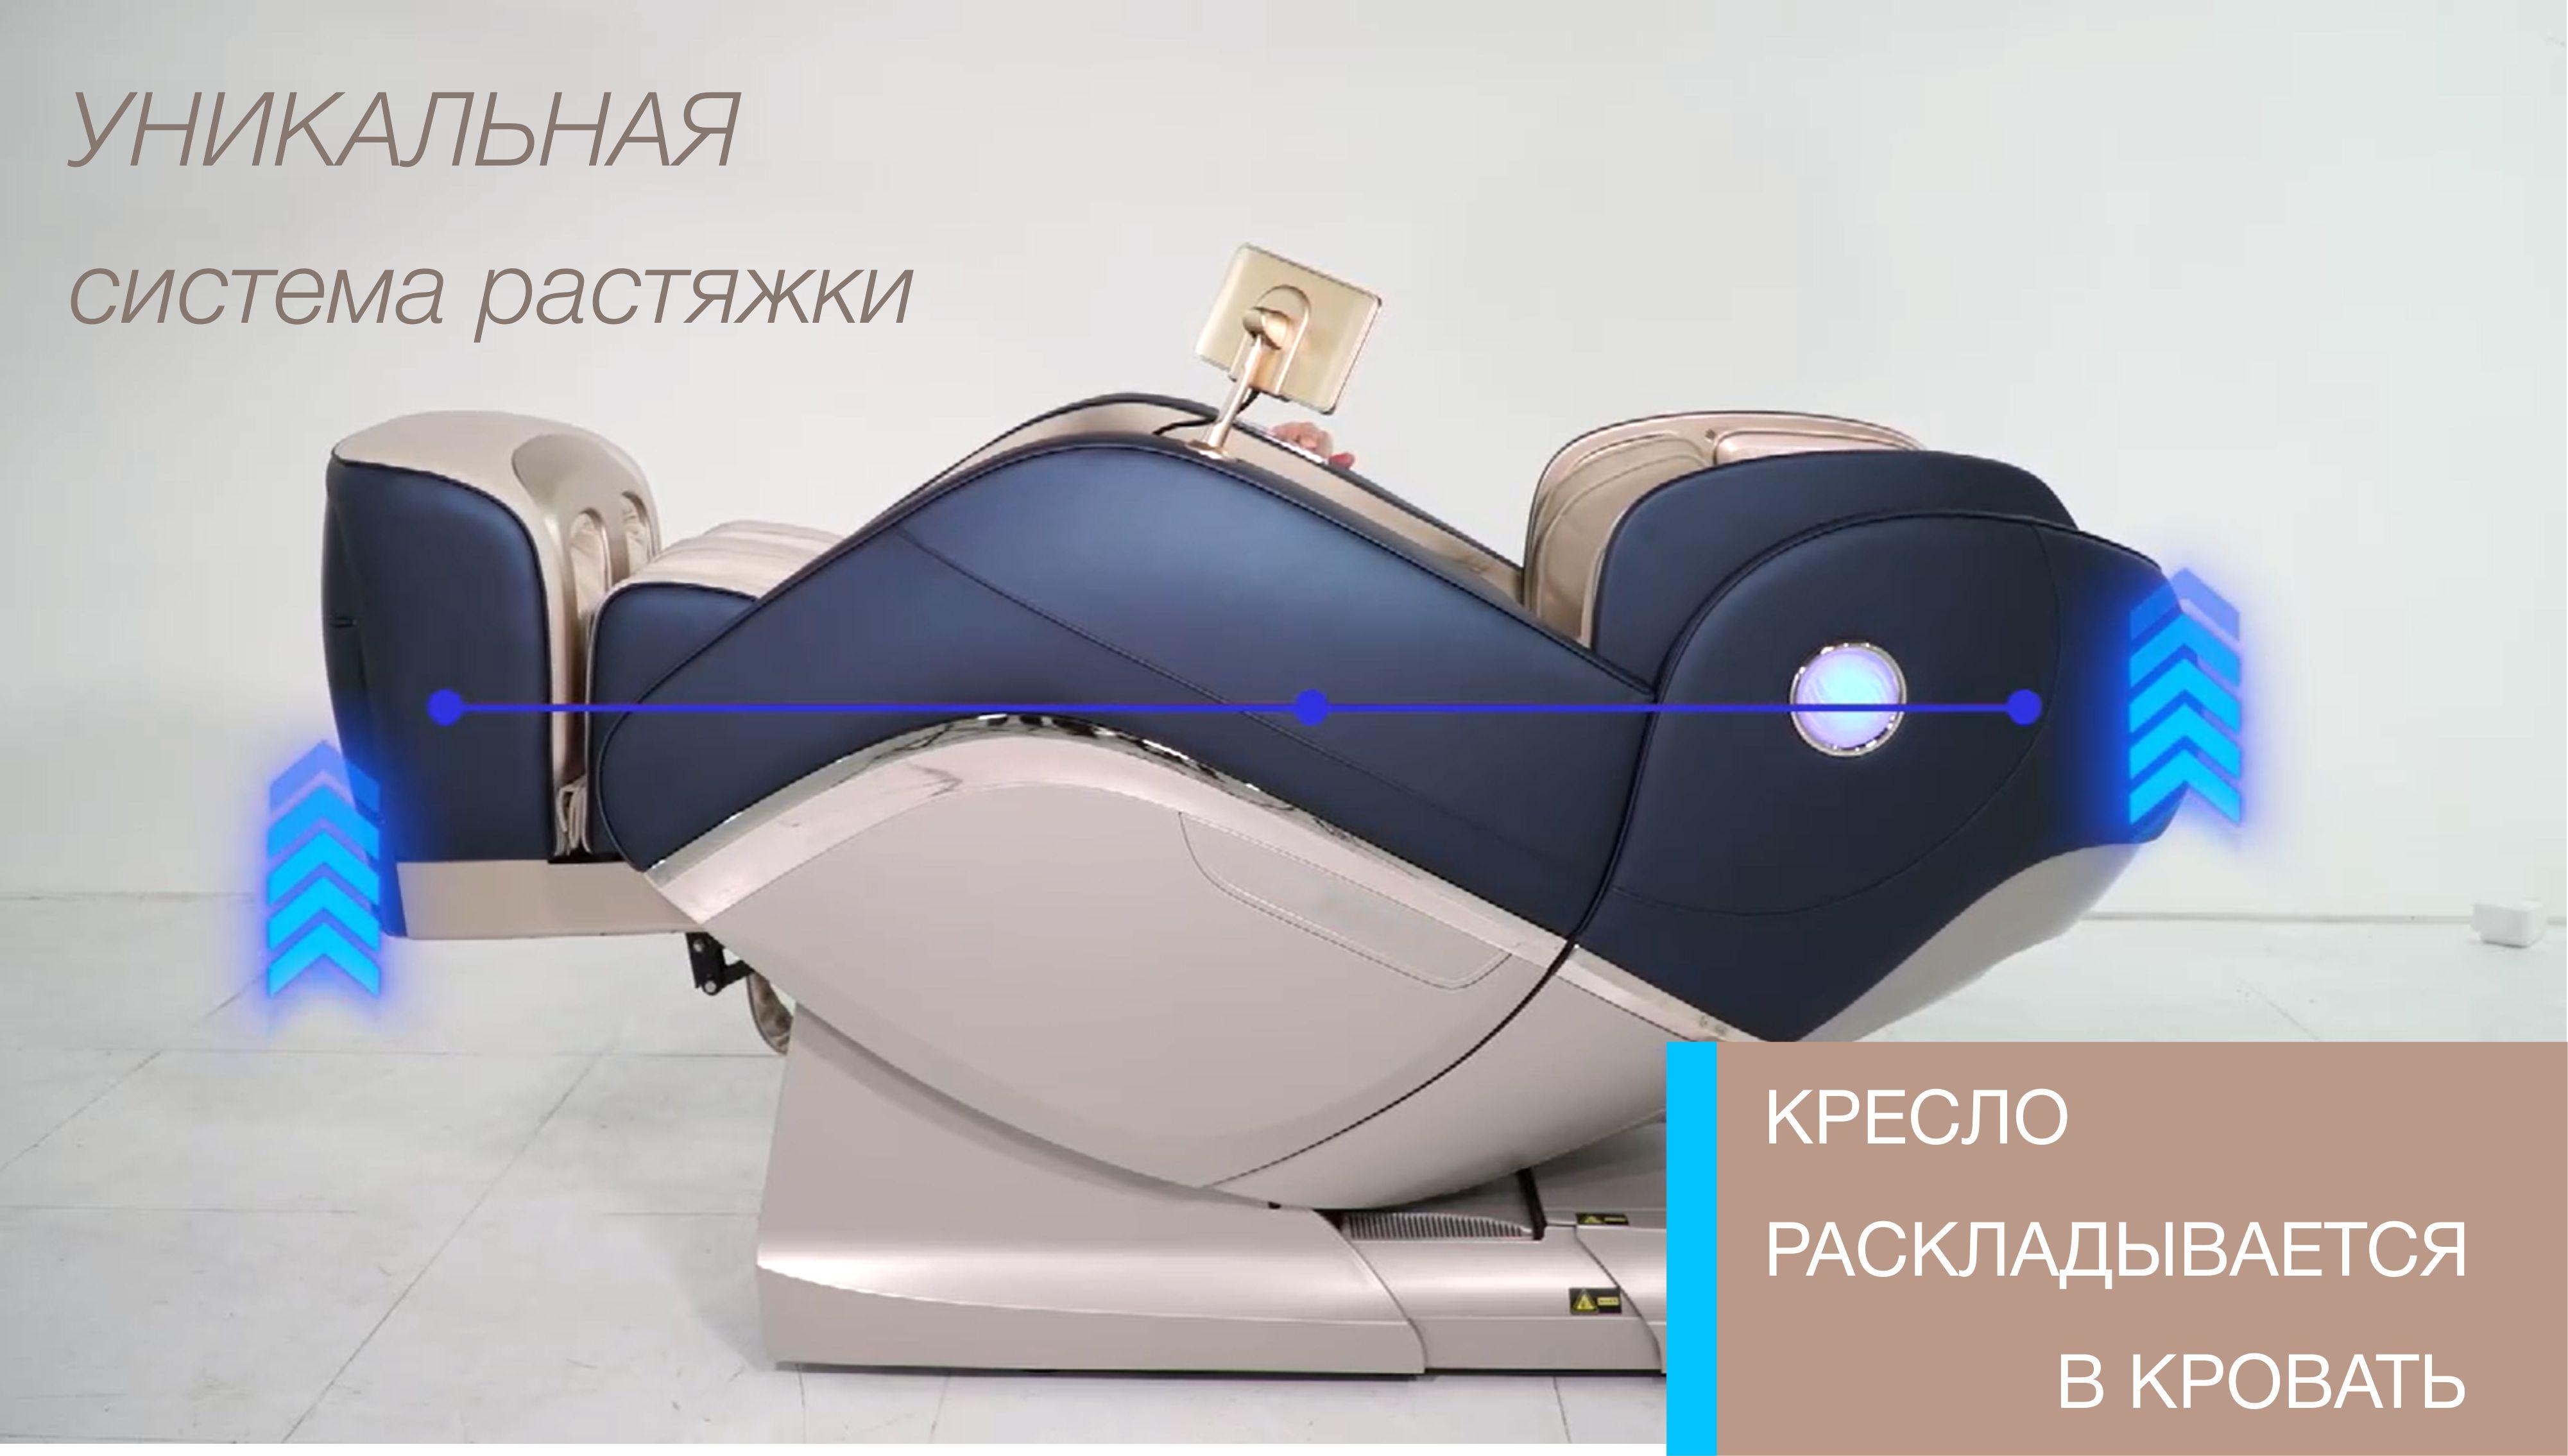 Уникальная система растяжки - Массажное кресло Bodo Excellence Light Brown